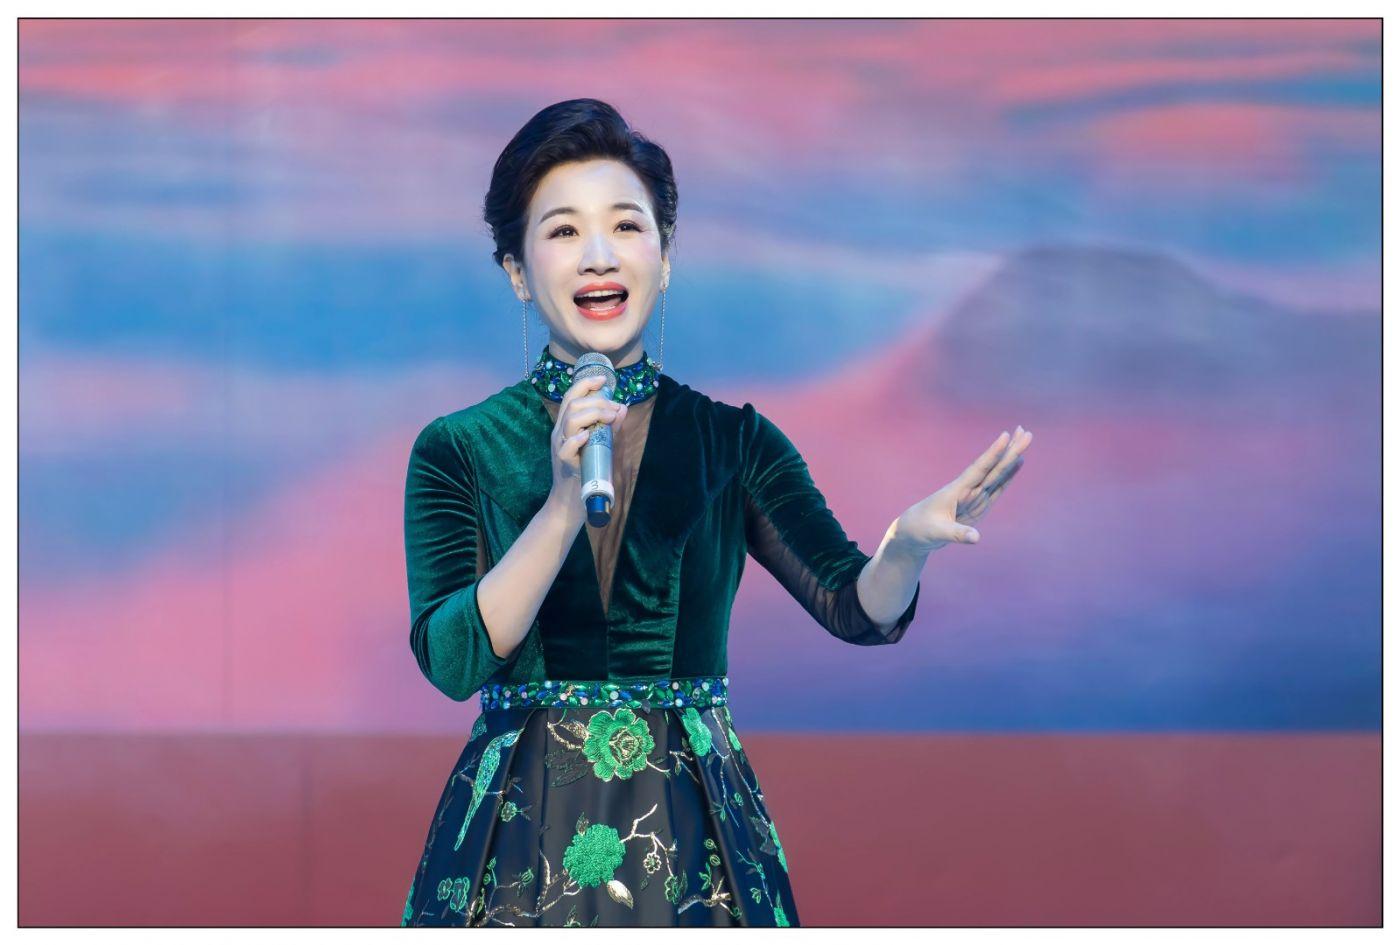 又见星光大道冠军歌手张海军 1月26央视播出 将自己唱哭的歌手 ..._图1-5